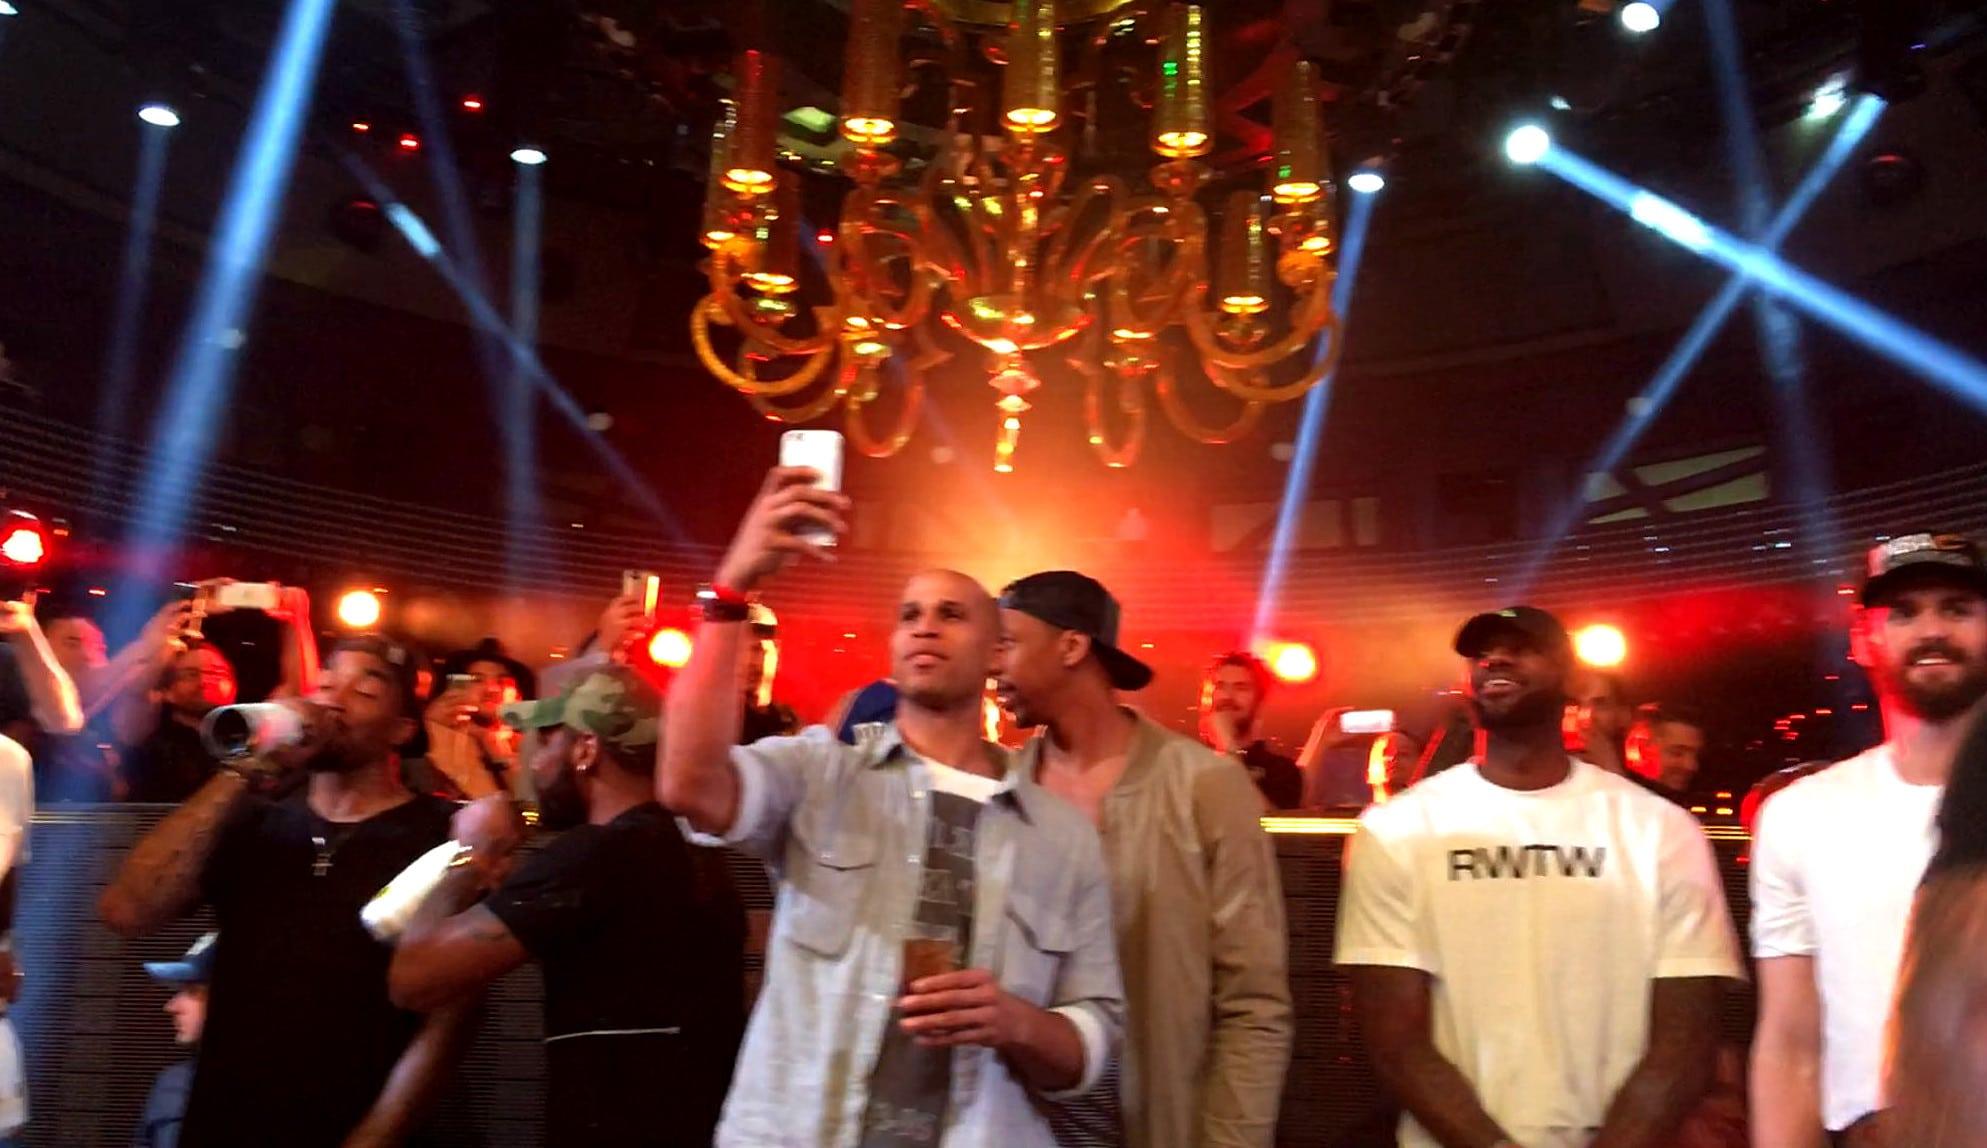 Los Cavs, de fiesta en Las Vegas: champán, billetes volando y JR sin camiseta (Vídeo)